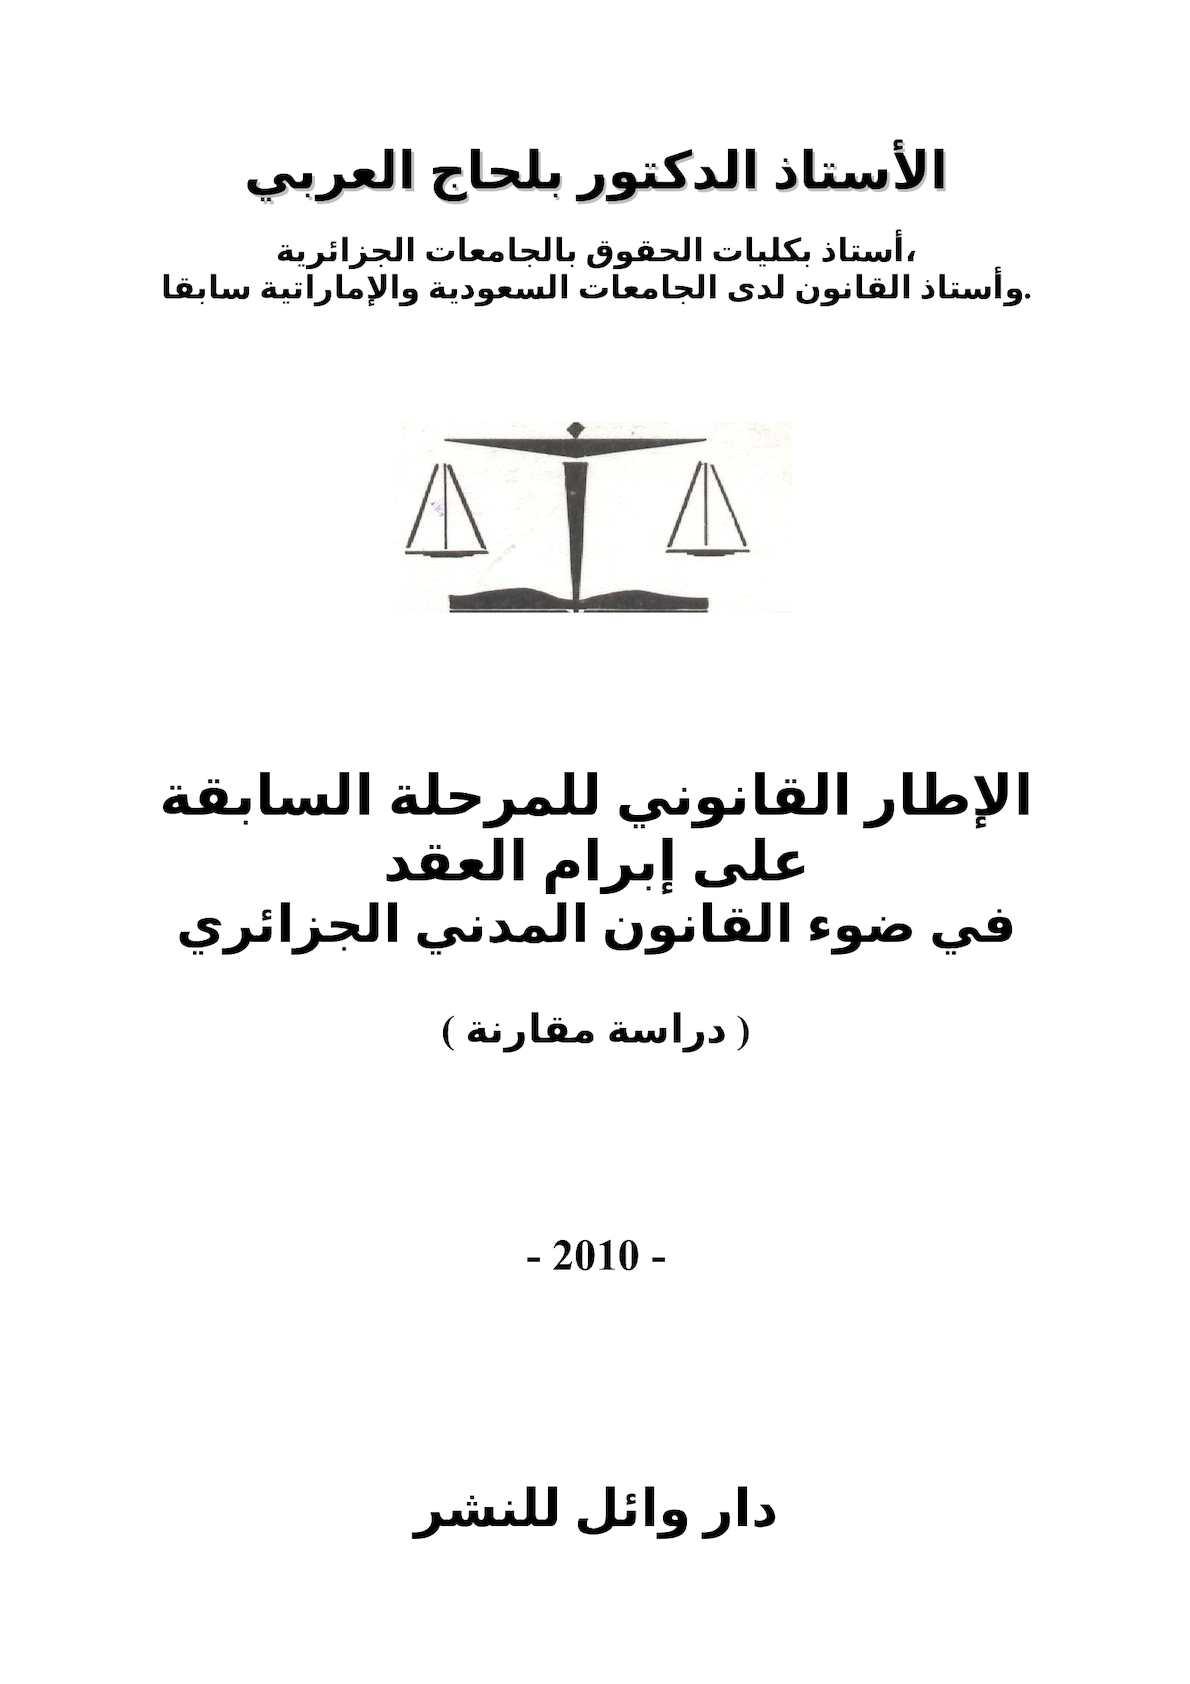 كتاب مشكلات المرحلة السابقة للتعاقد بلحاج العربي